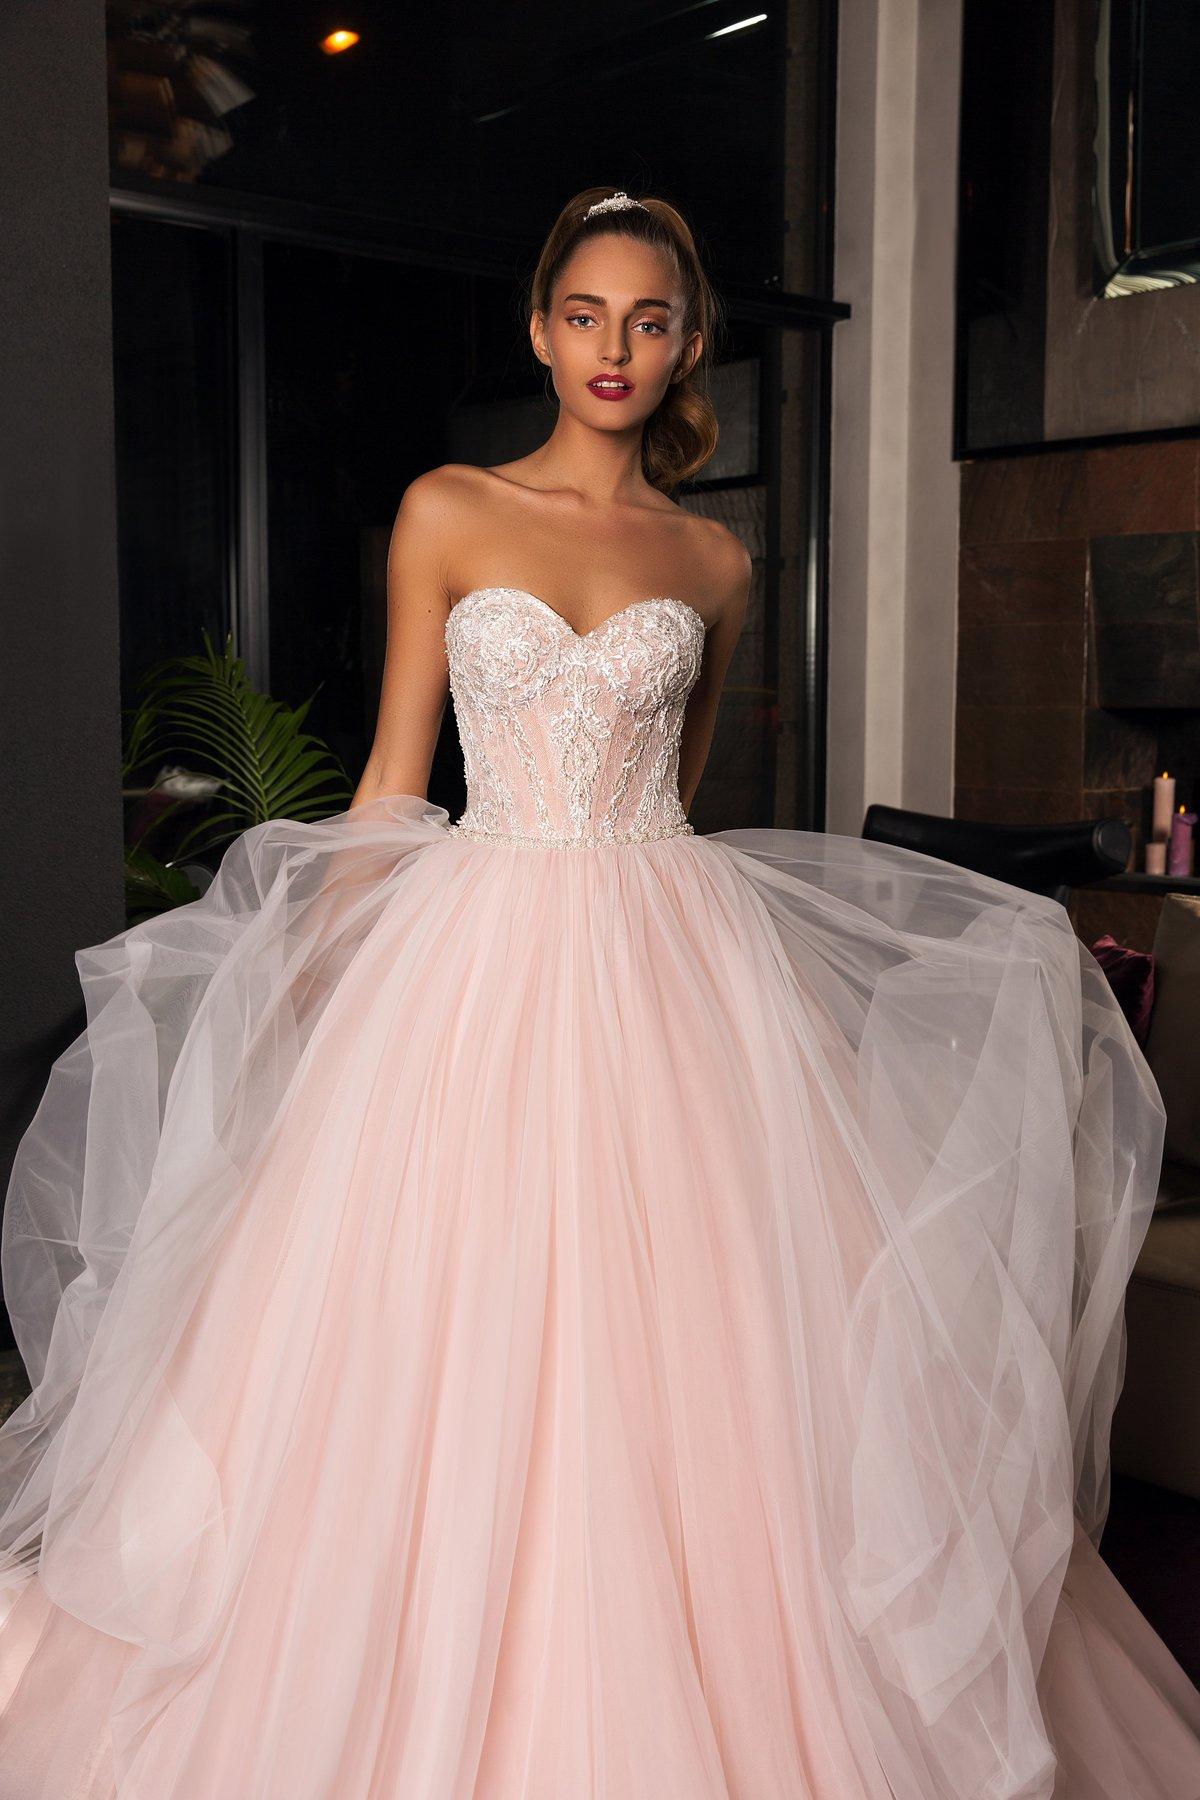 Картинки про свадебные платья красивые